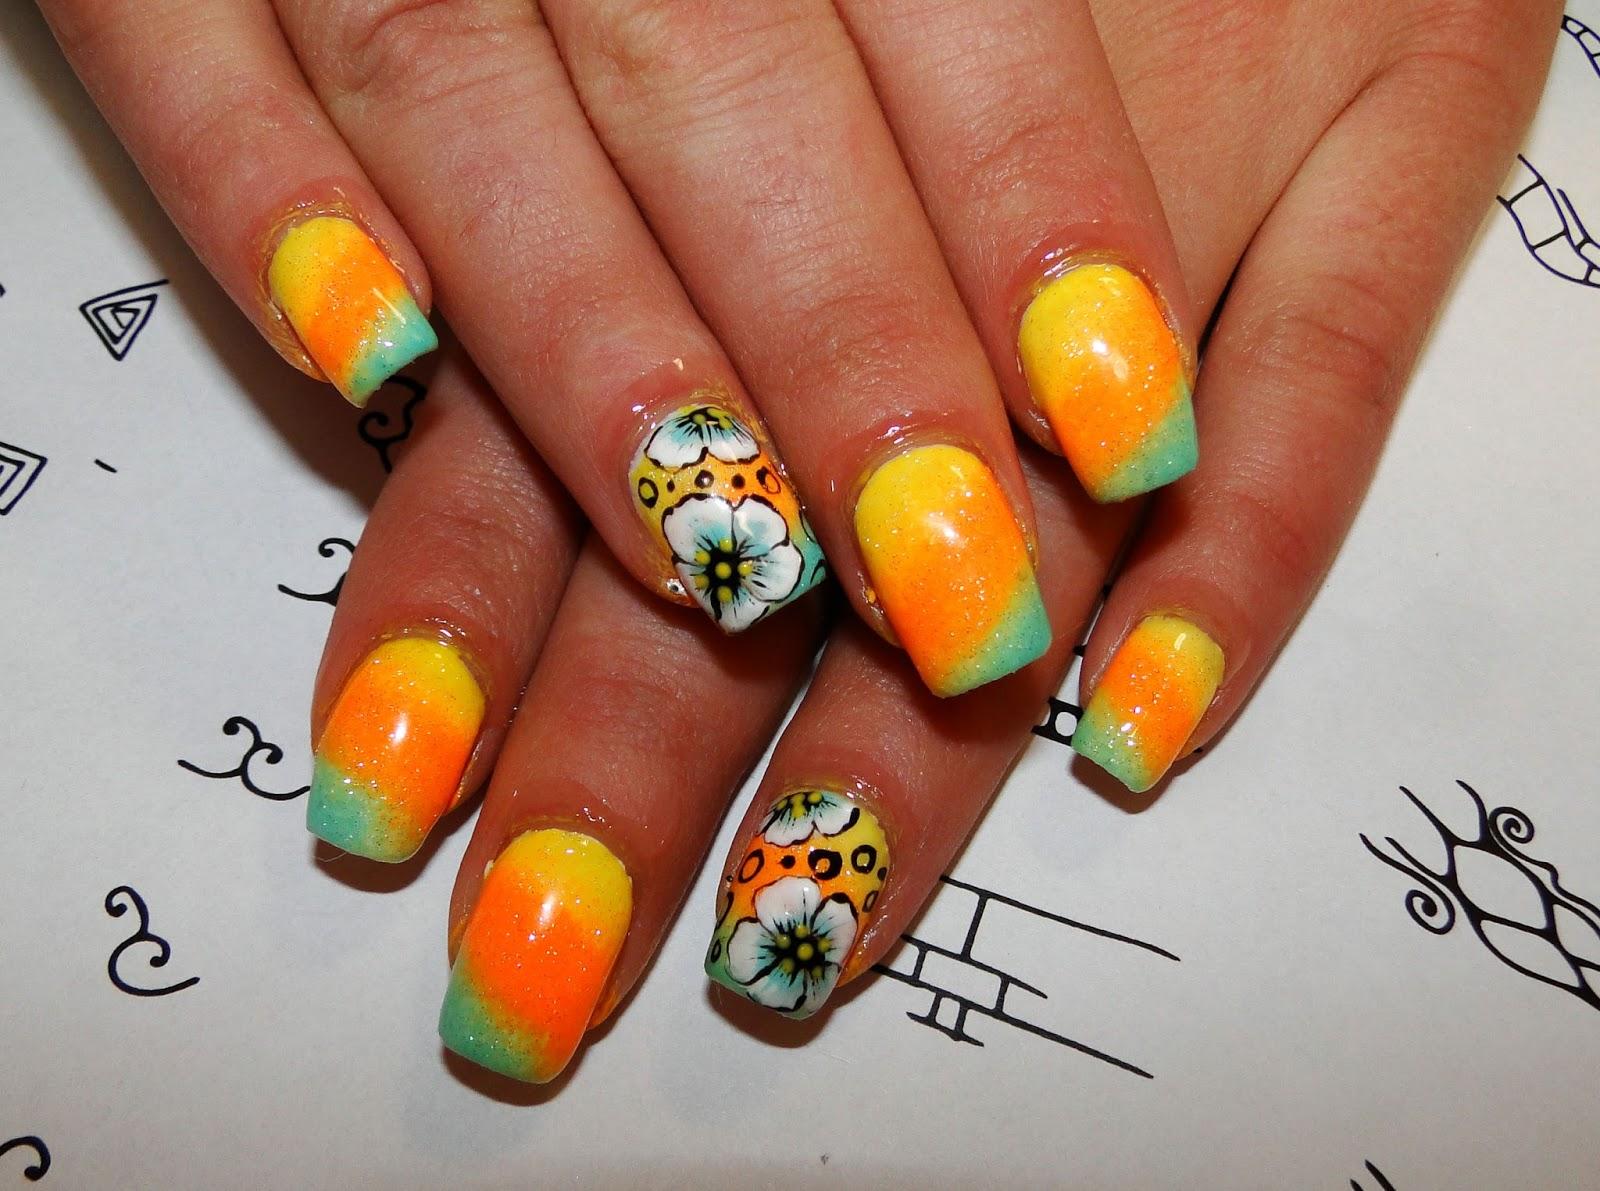 Рисунки на ногтях оранжевого цвета 2018 фото новинки